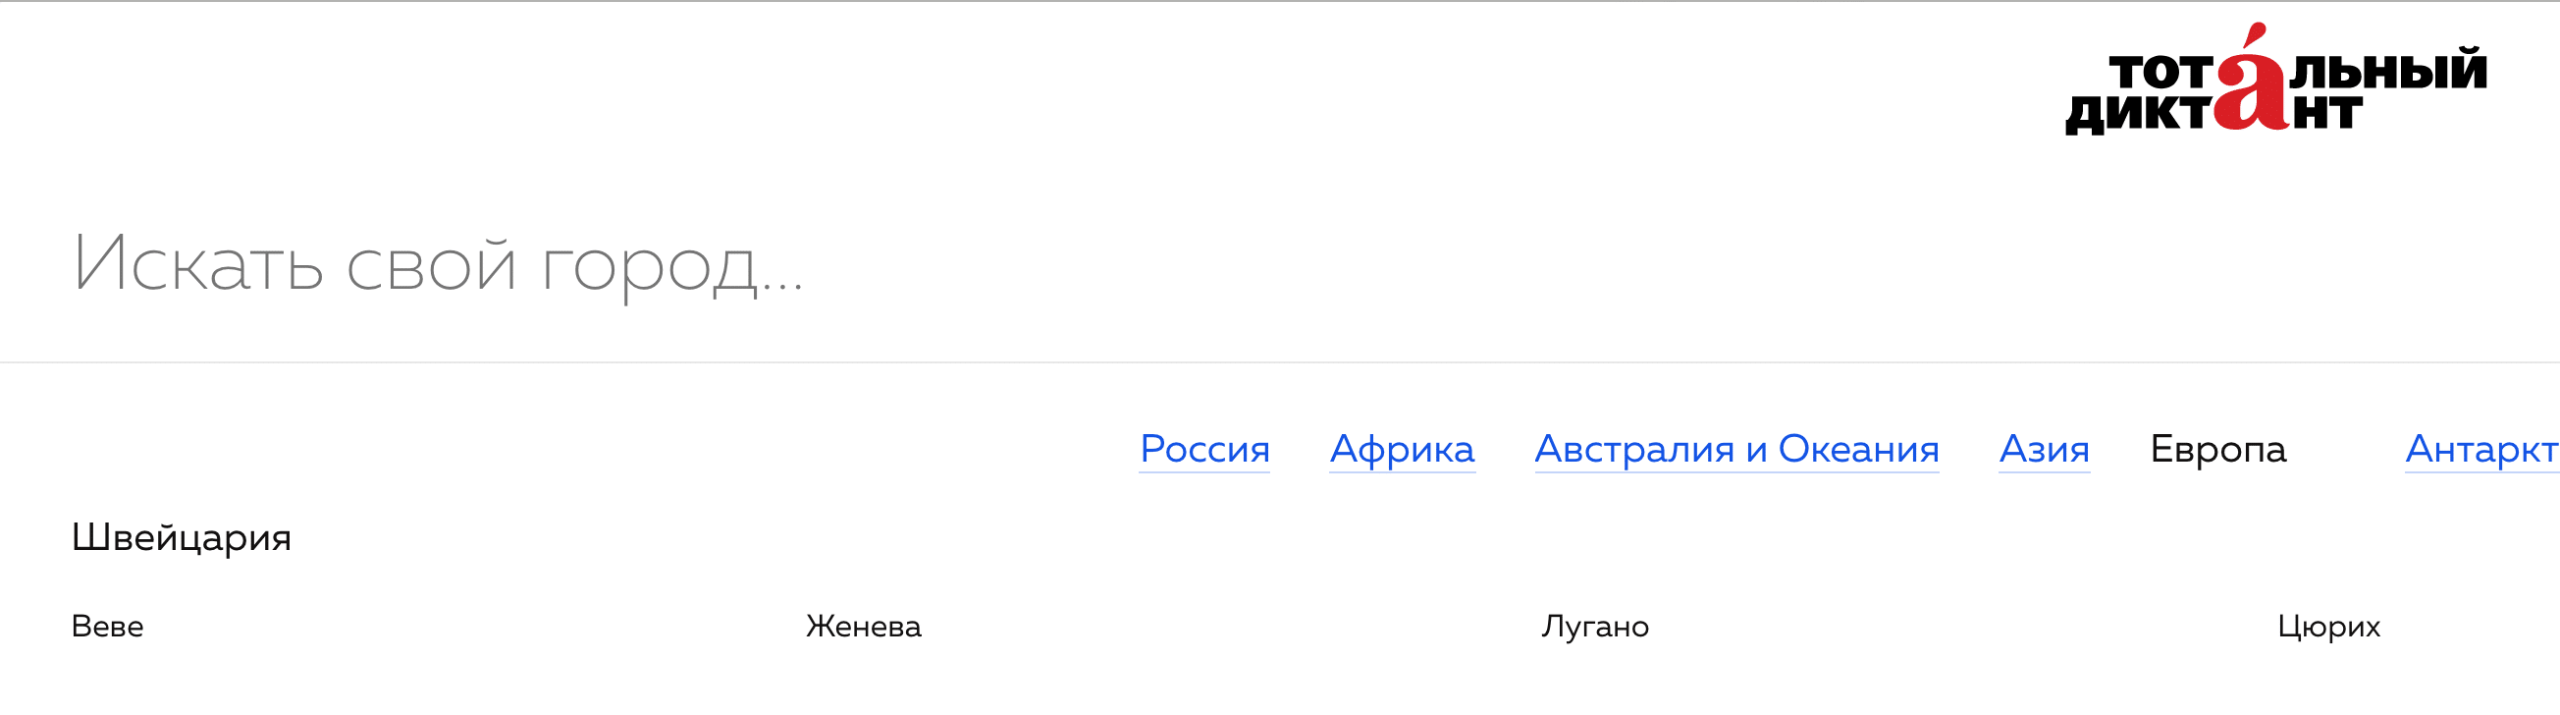 Тотальный диктант по русскому языку пишем 14 апреля